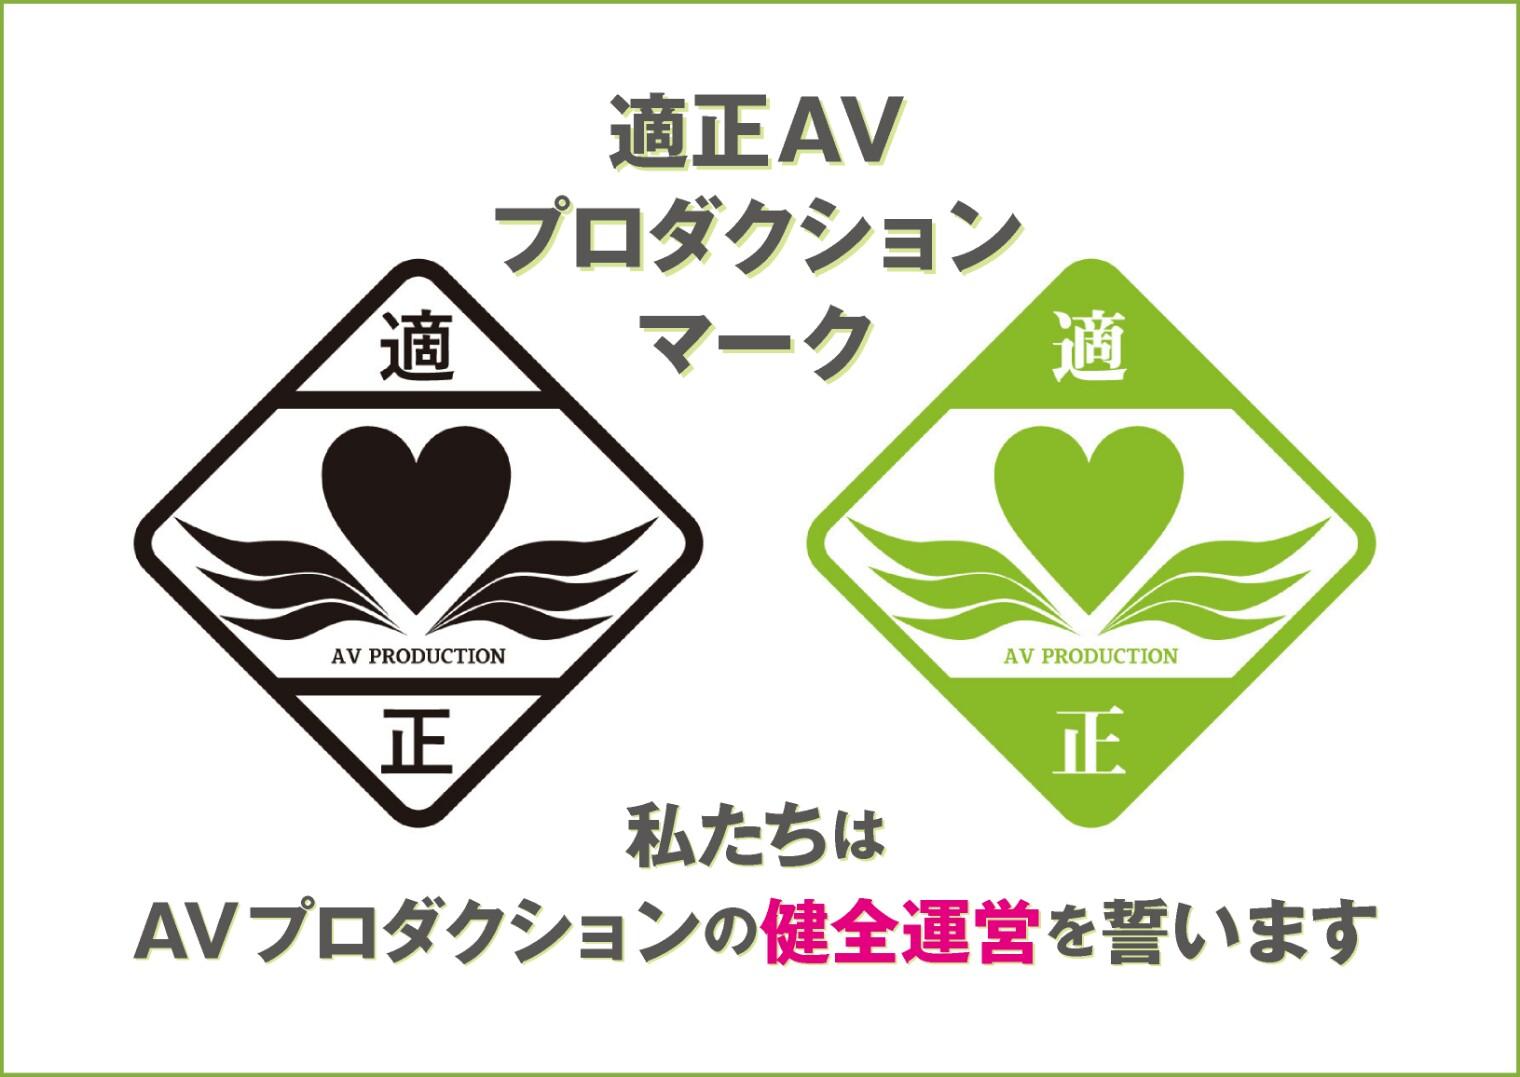 適正AVプロダクションマーク